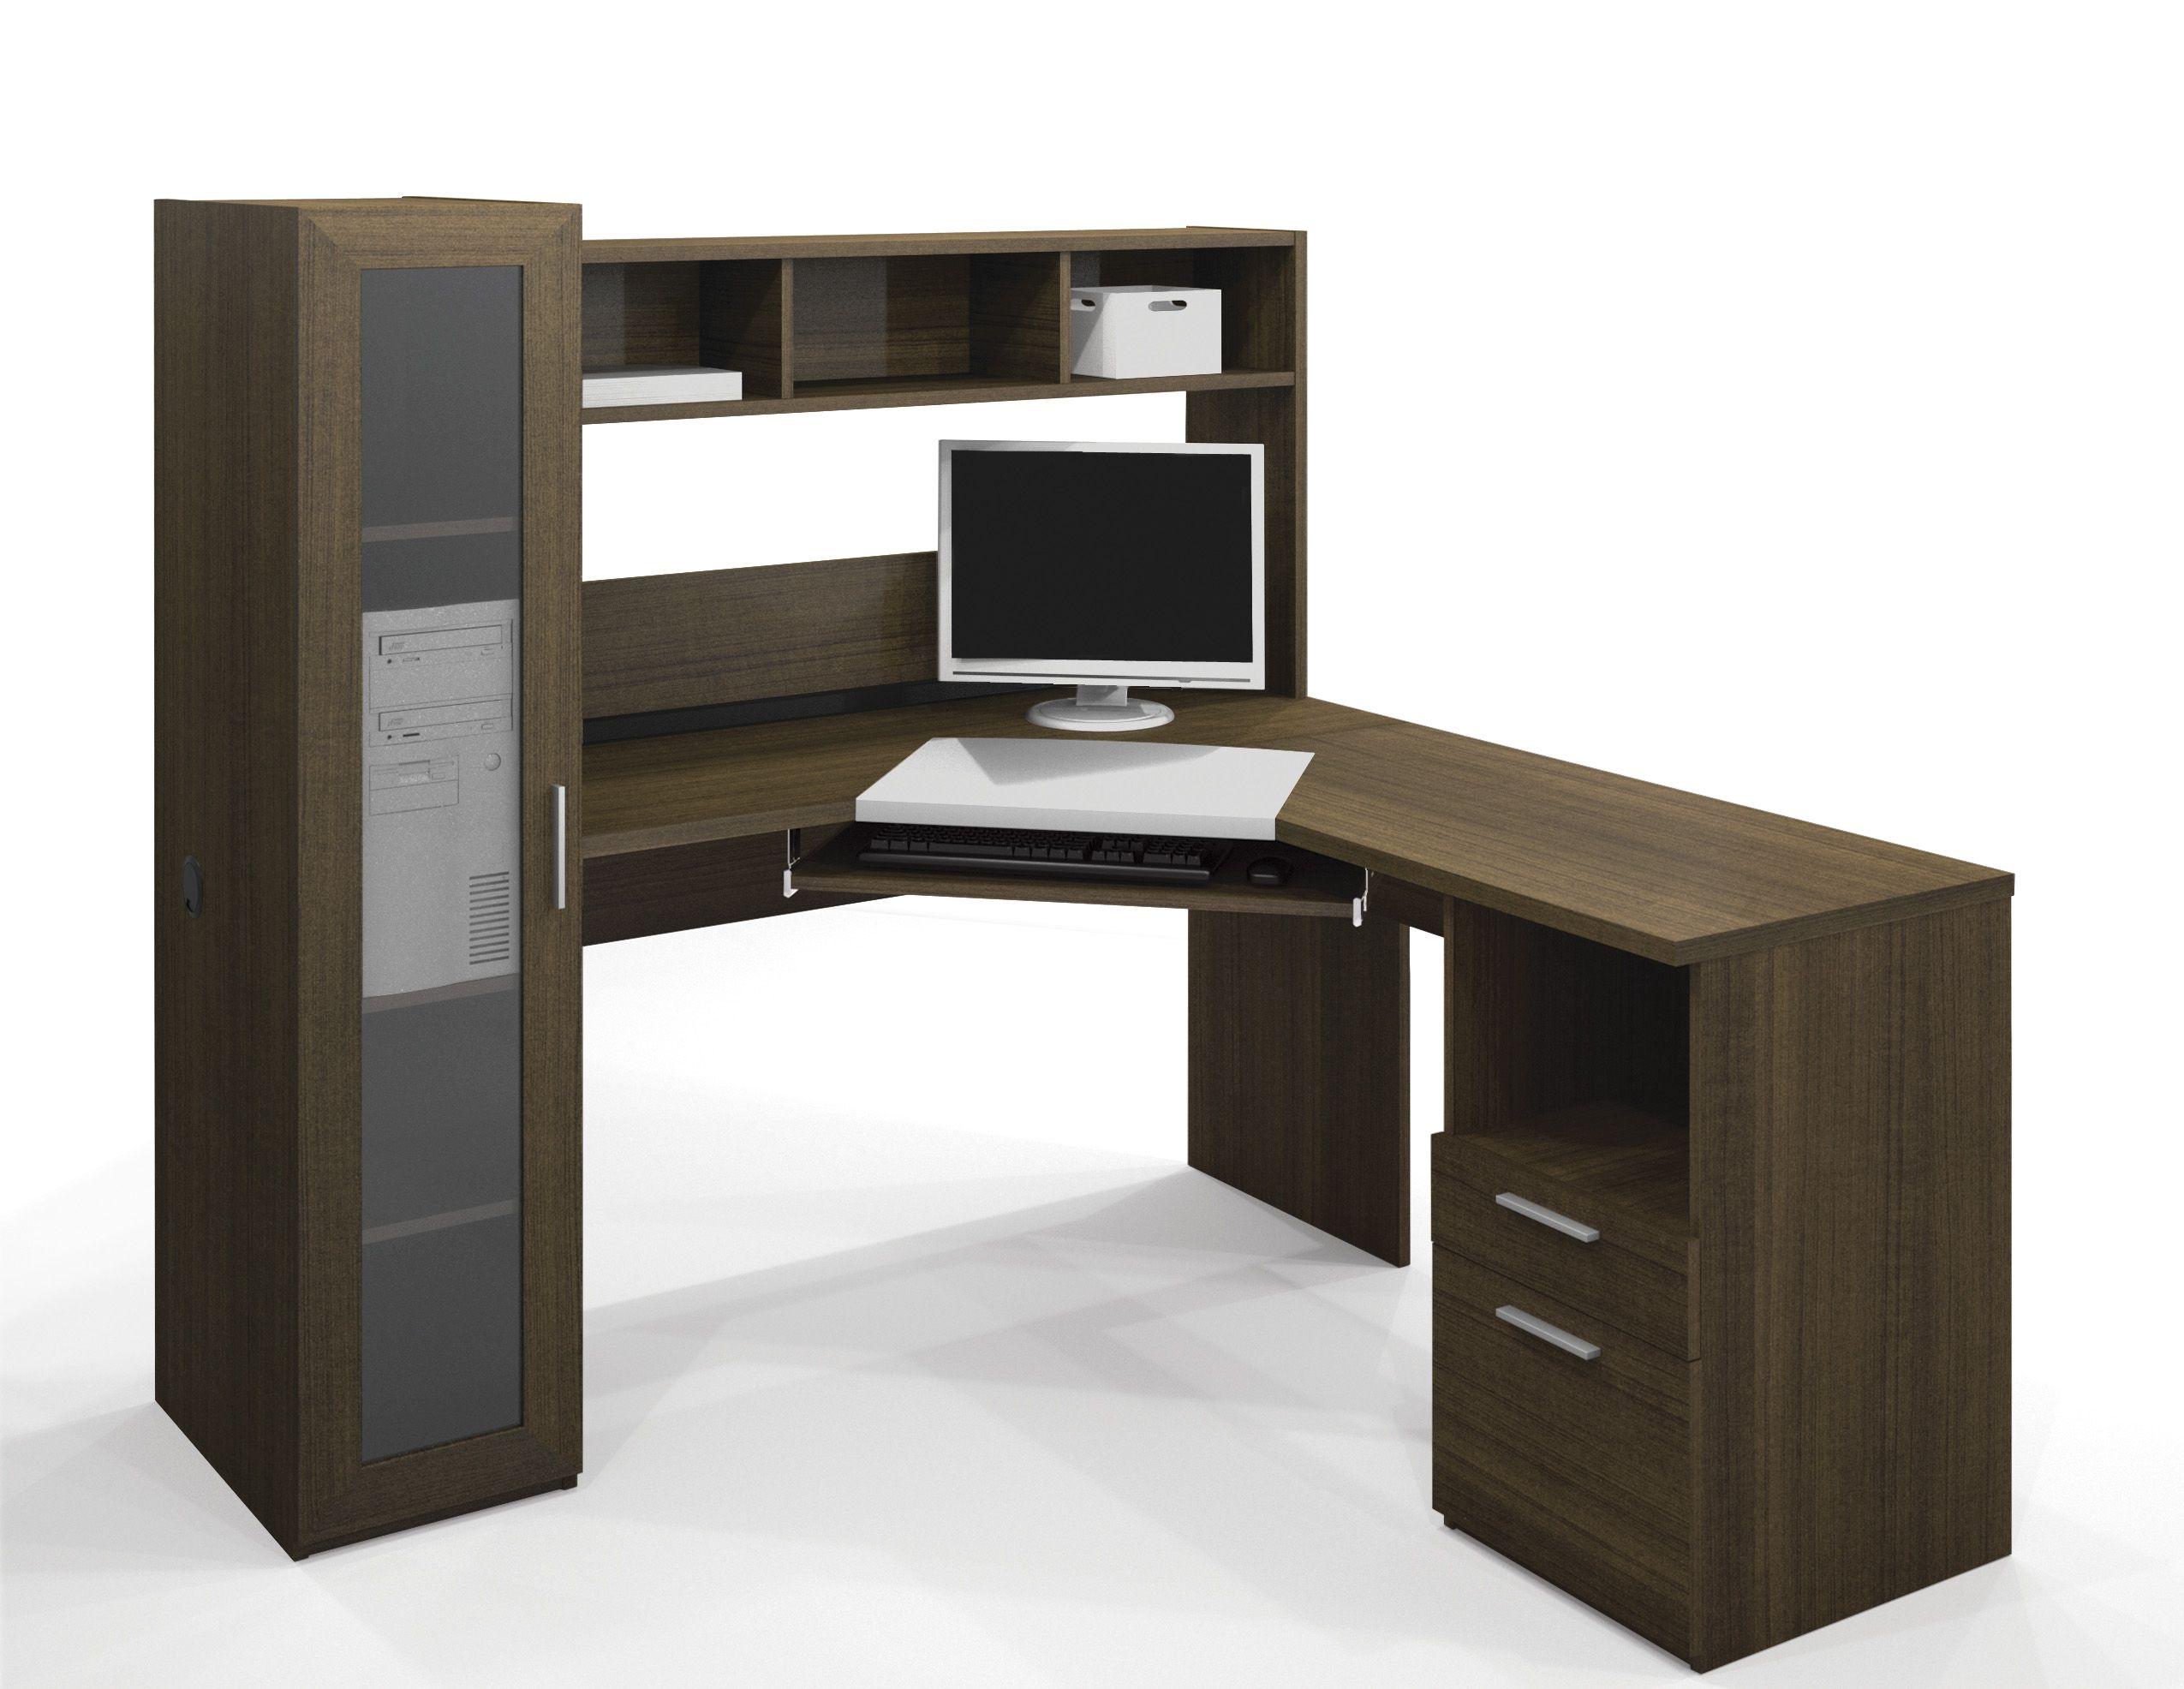 office depot computer desks. Office Depot Empire Computer Desk With Hutch Desks D